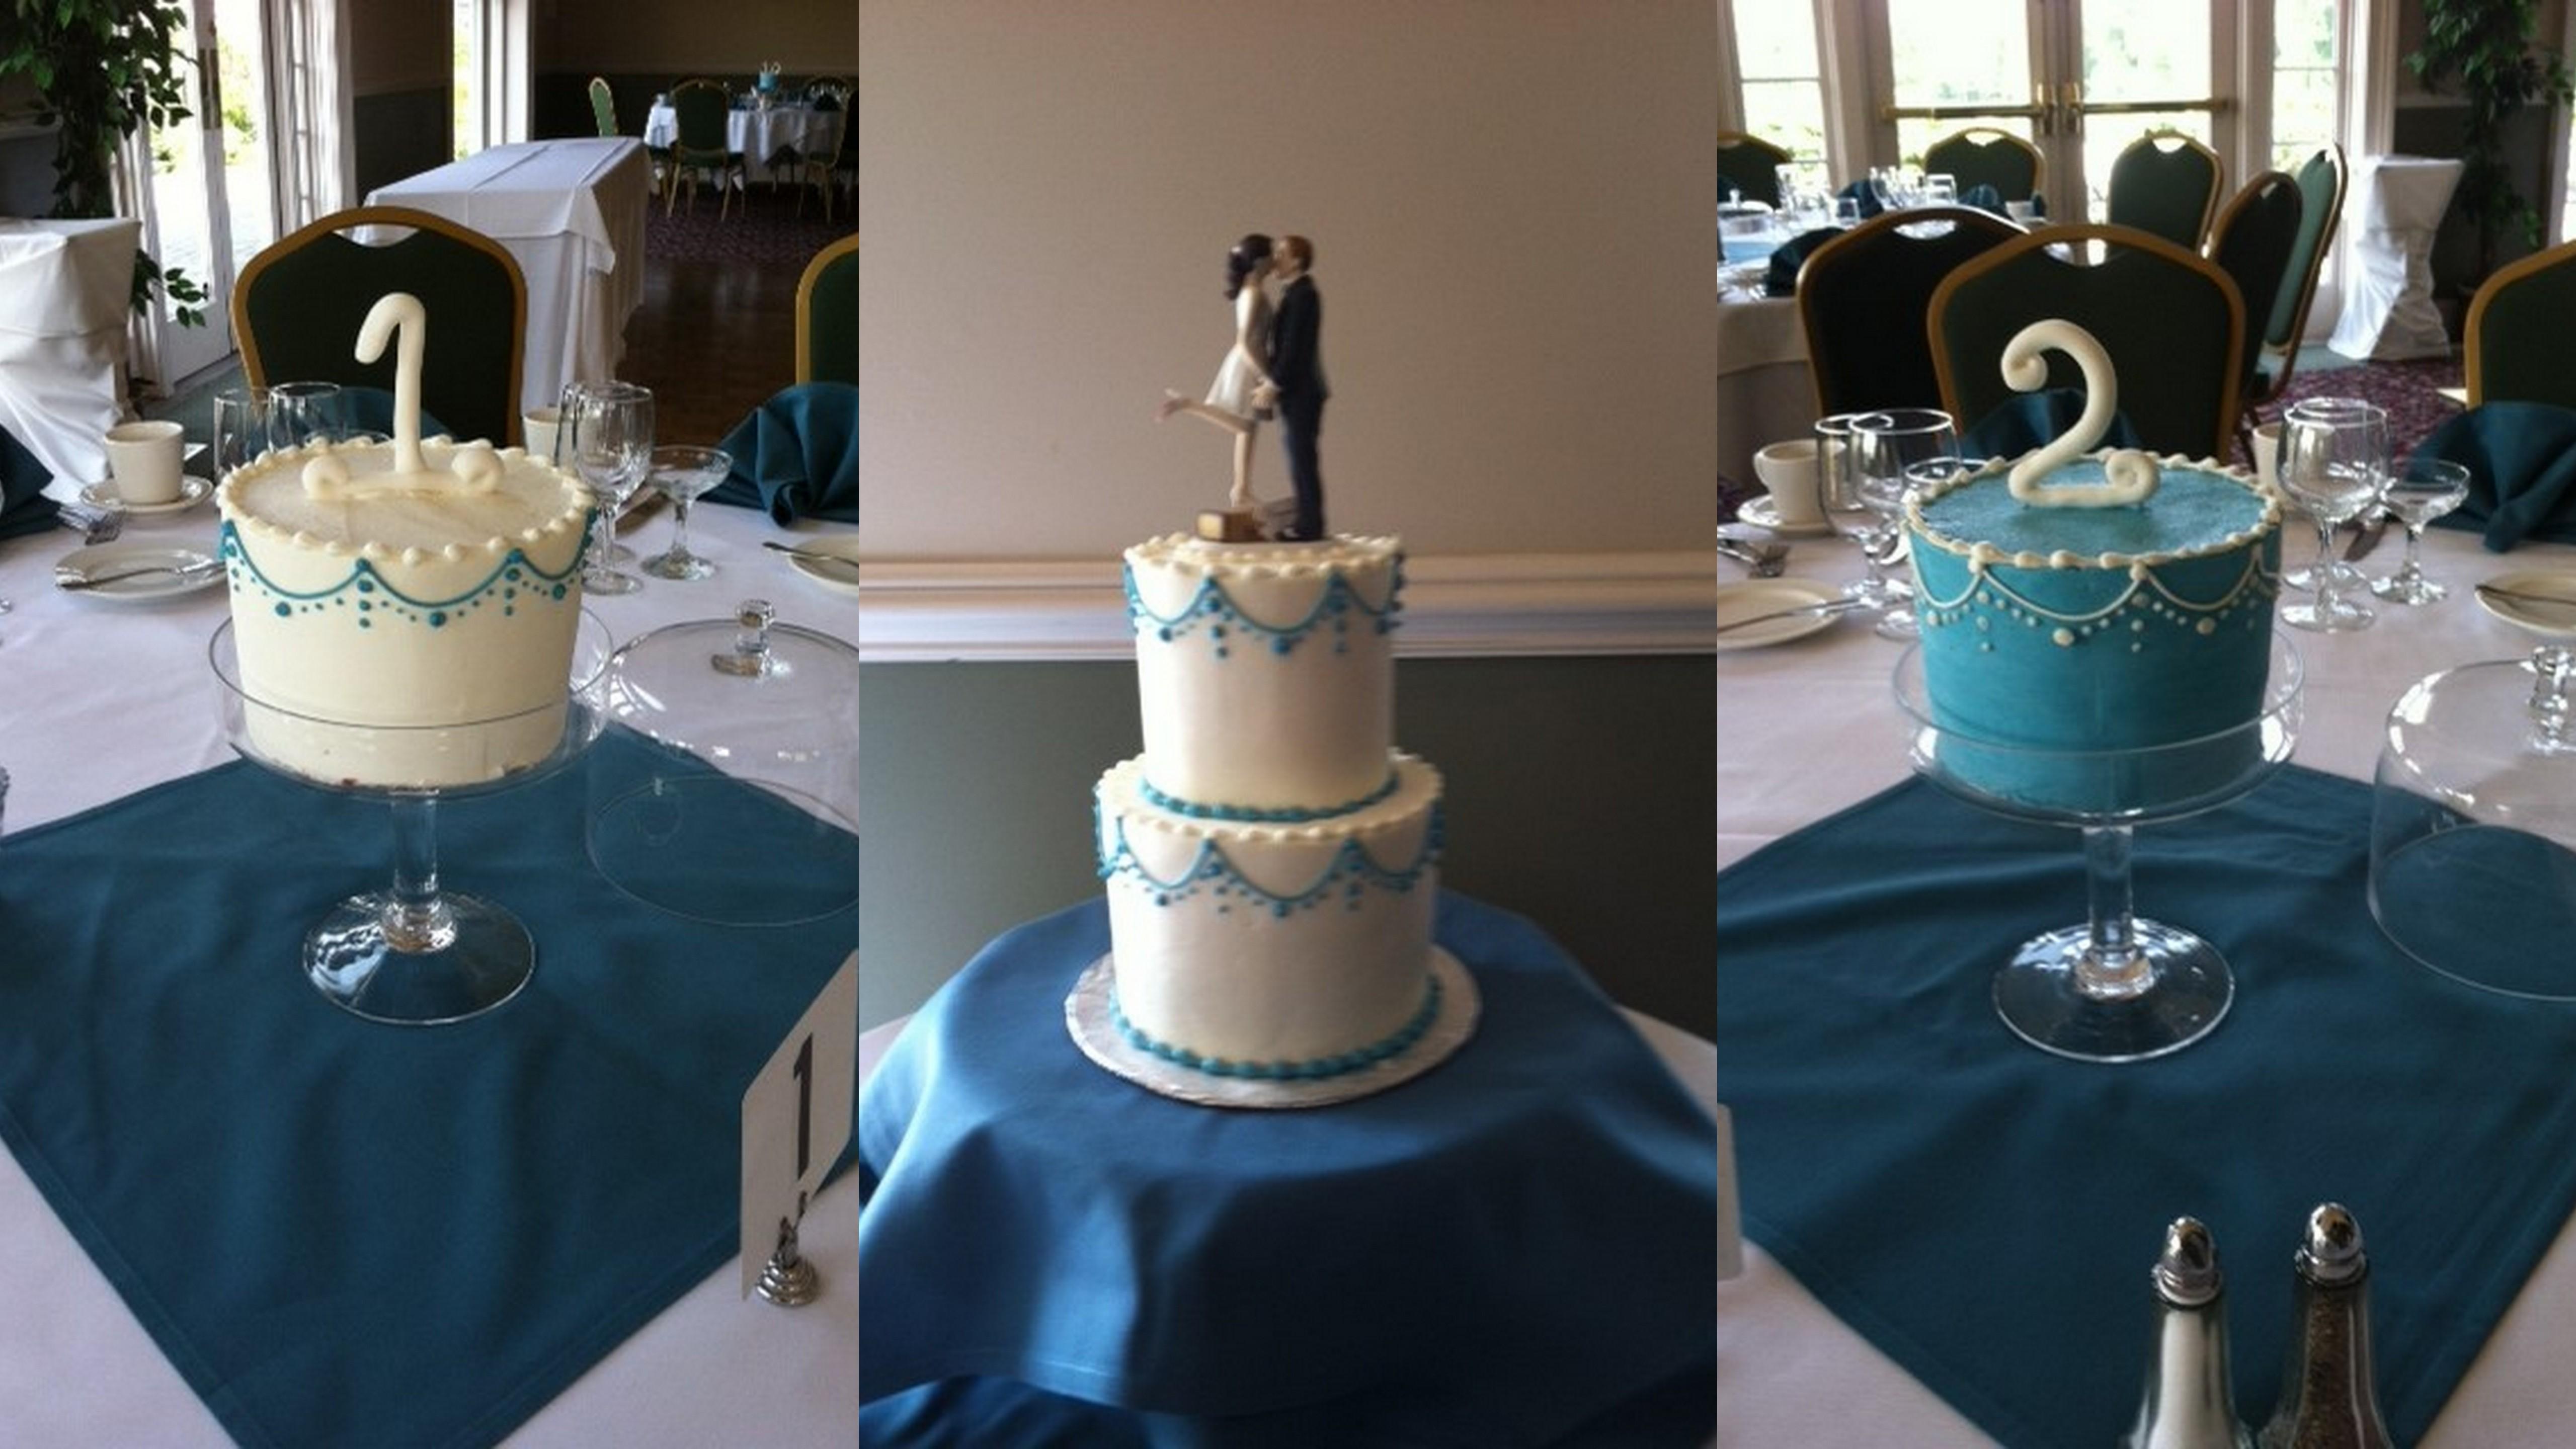 Wedding MultiCake5 Display Collage